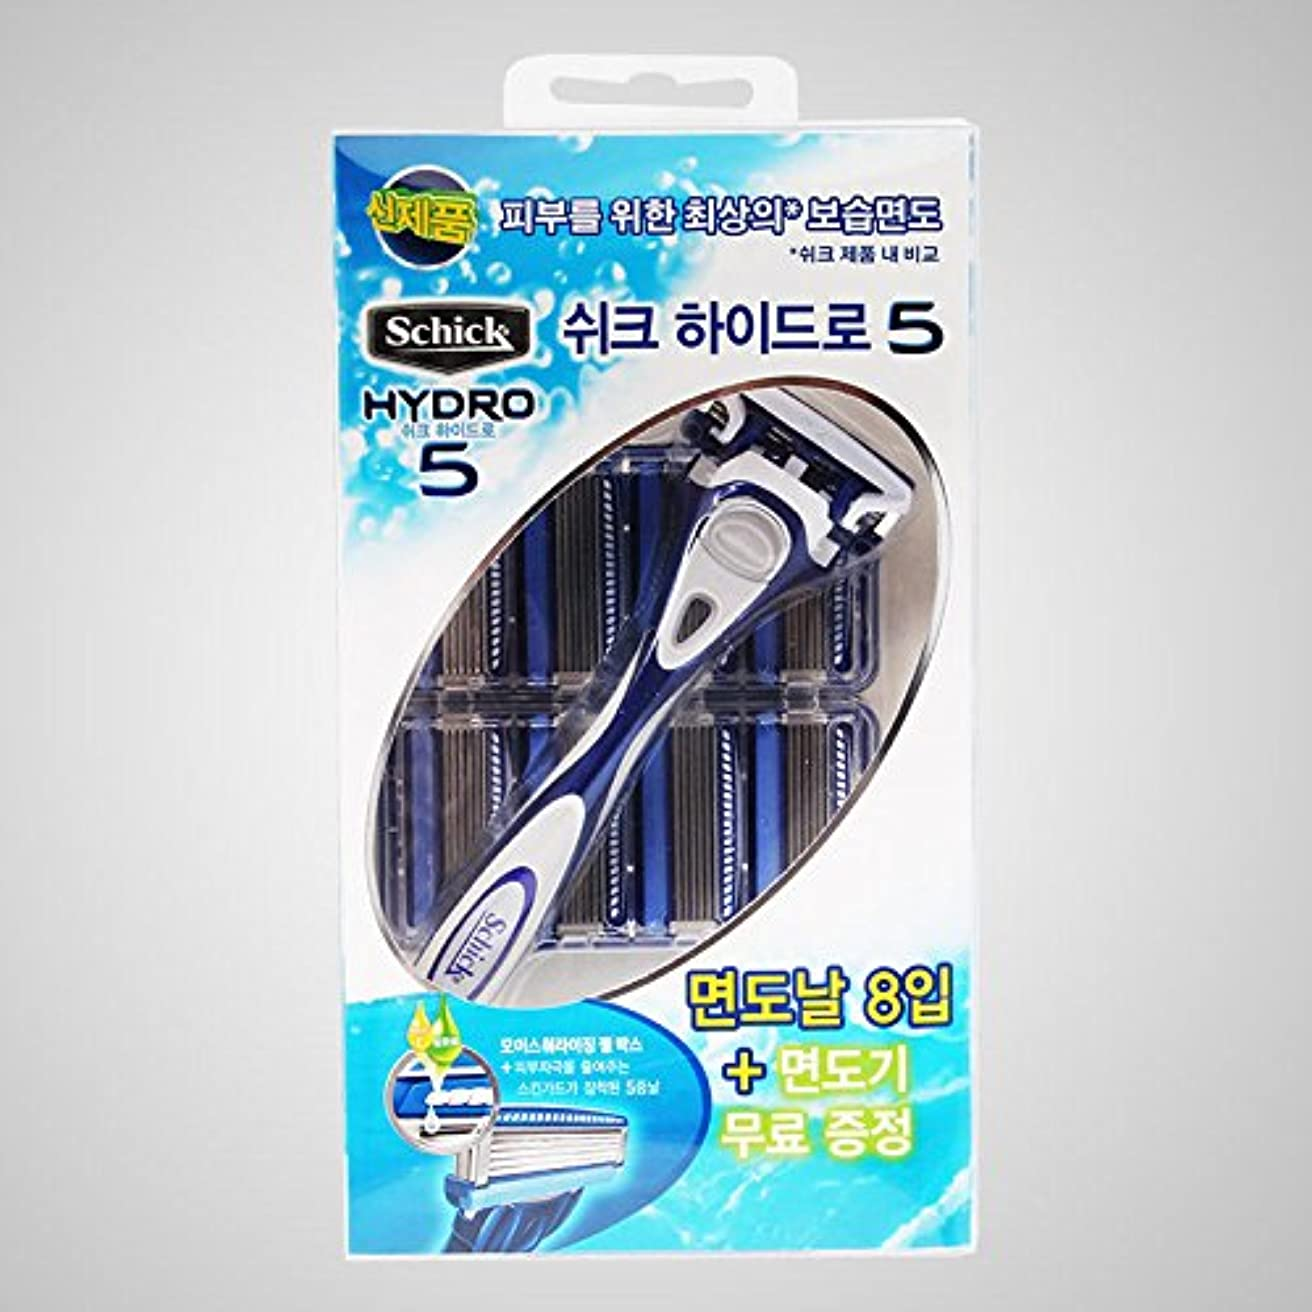 雇用国際縫い目Schick Hydro 5 Shaving 1 Razor with 9 カートリッジ [並行輸入品]